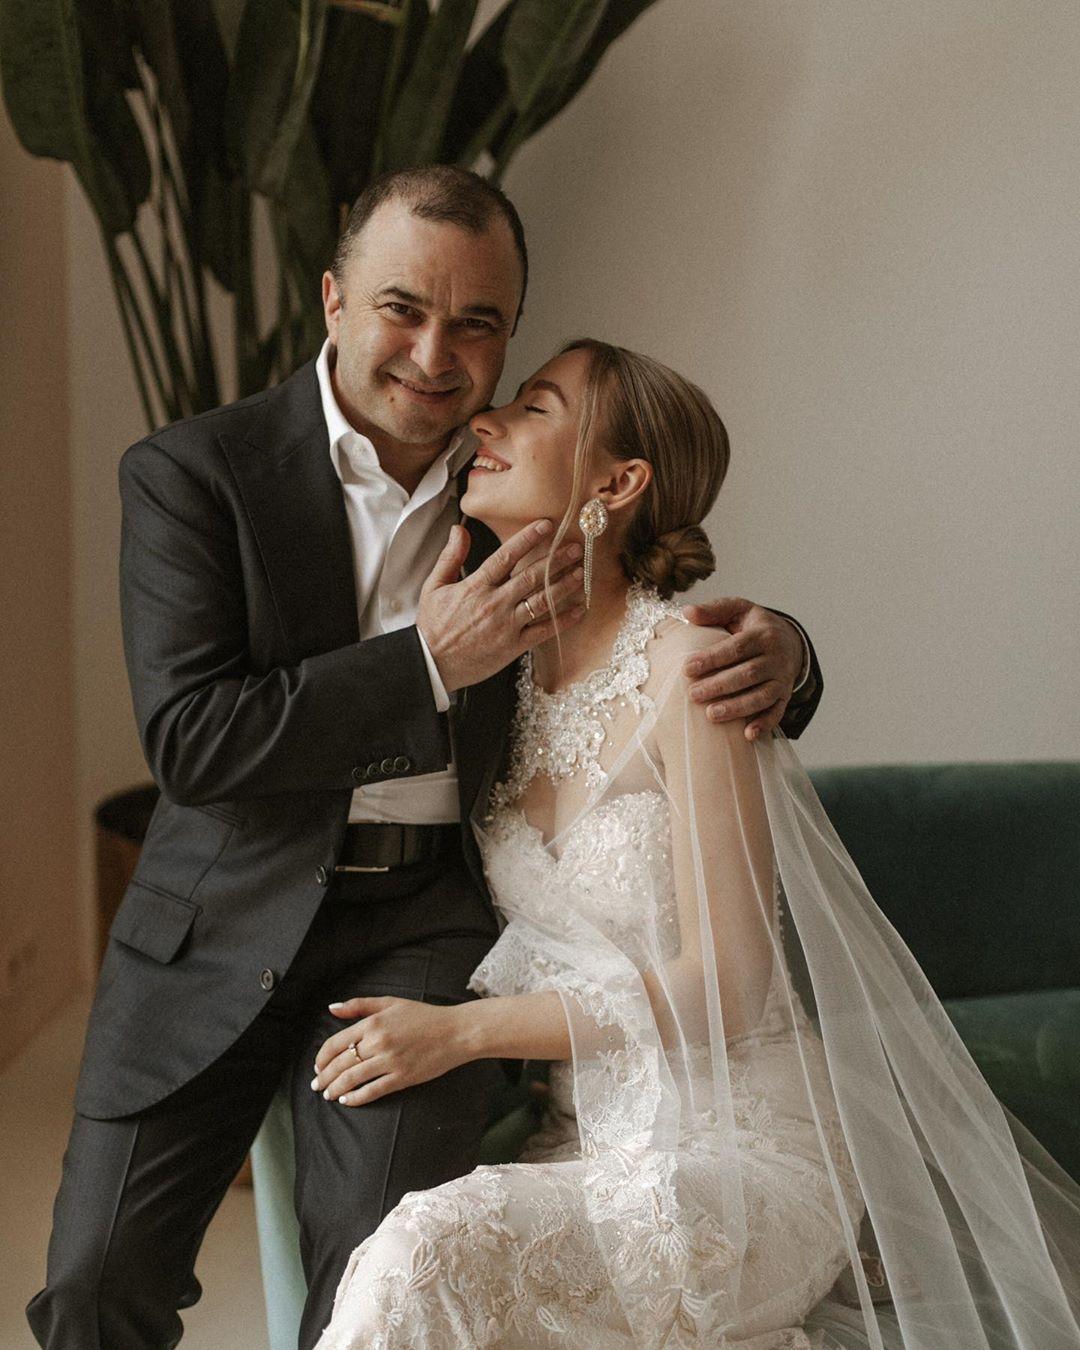 павлик и репяхова поженились